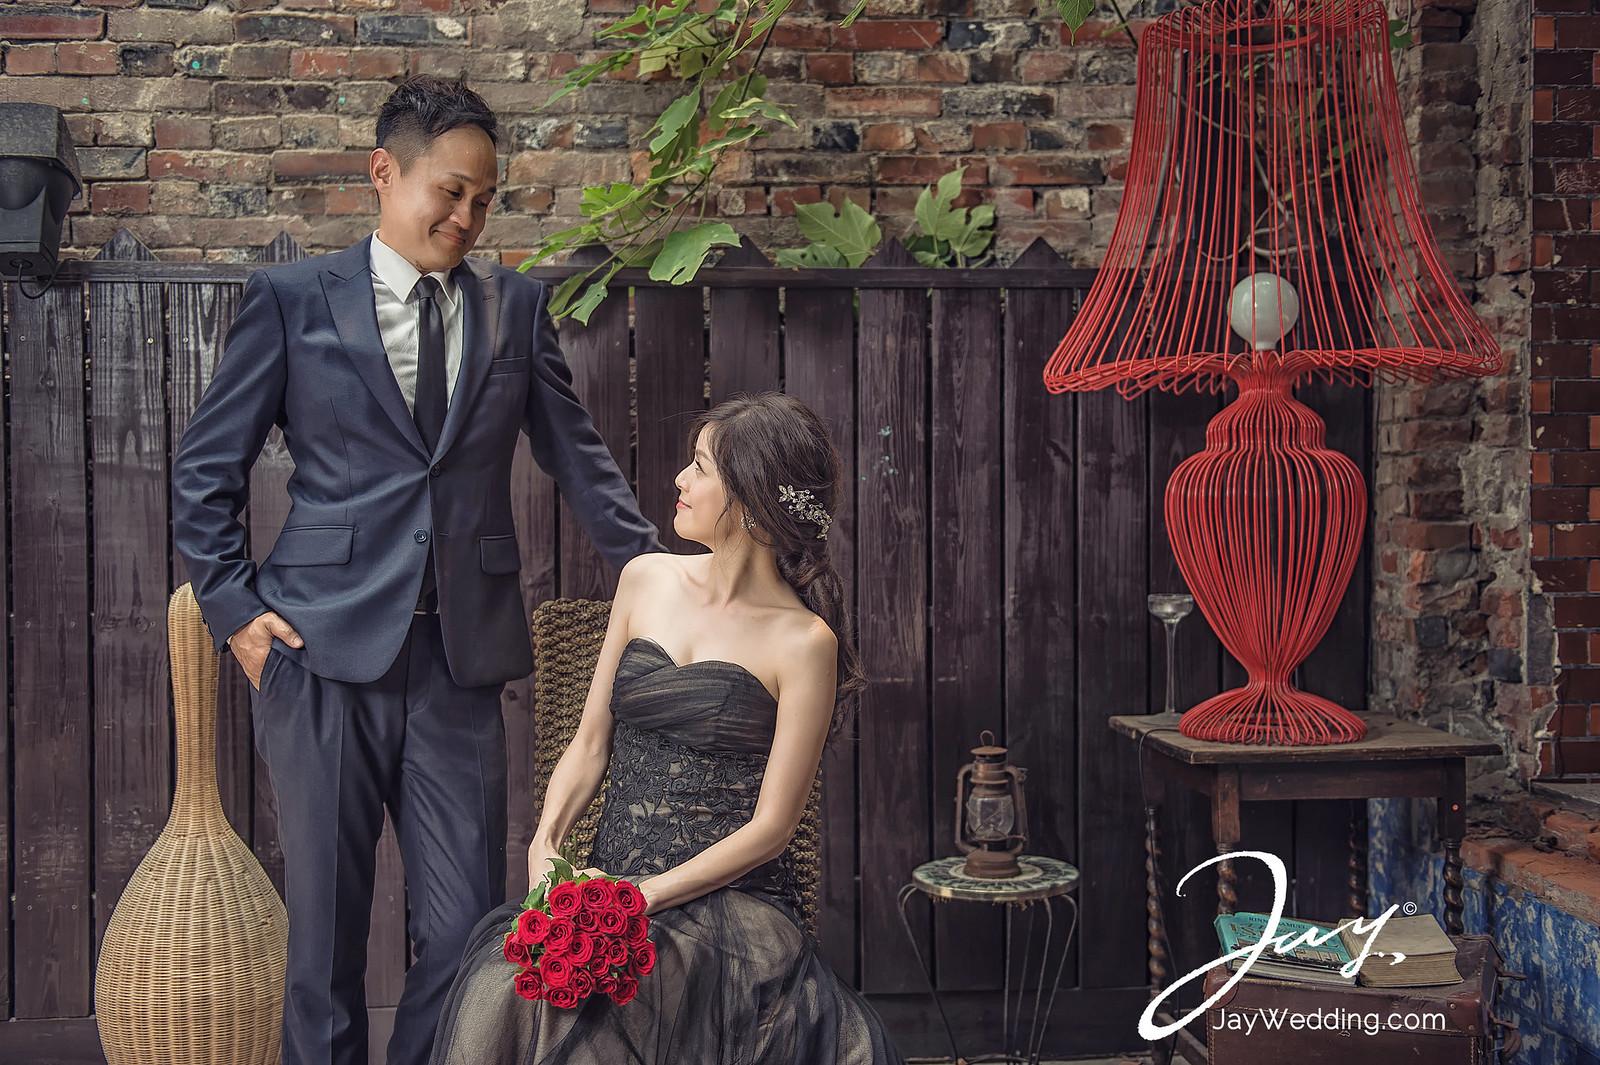 婚紗,婚攝,京都,大阪,食尚曼谷,海外婚紗,自助婚紗,自主婚紗,婚攝A-Jay,婚攝阿杰,jay hsieh,JAY_3386